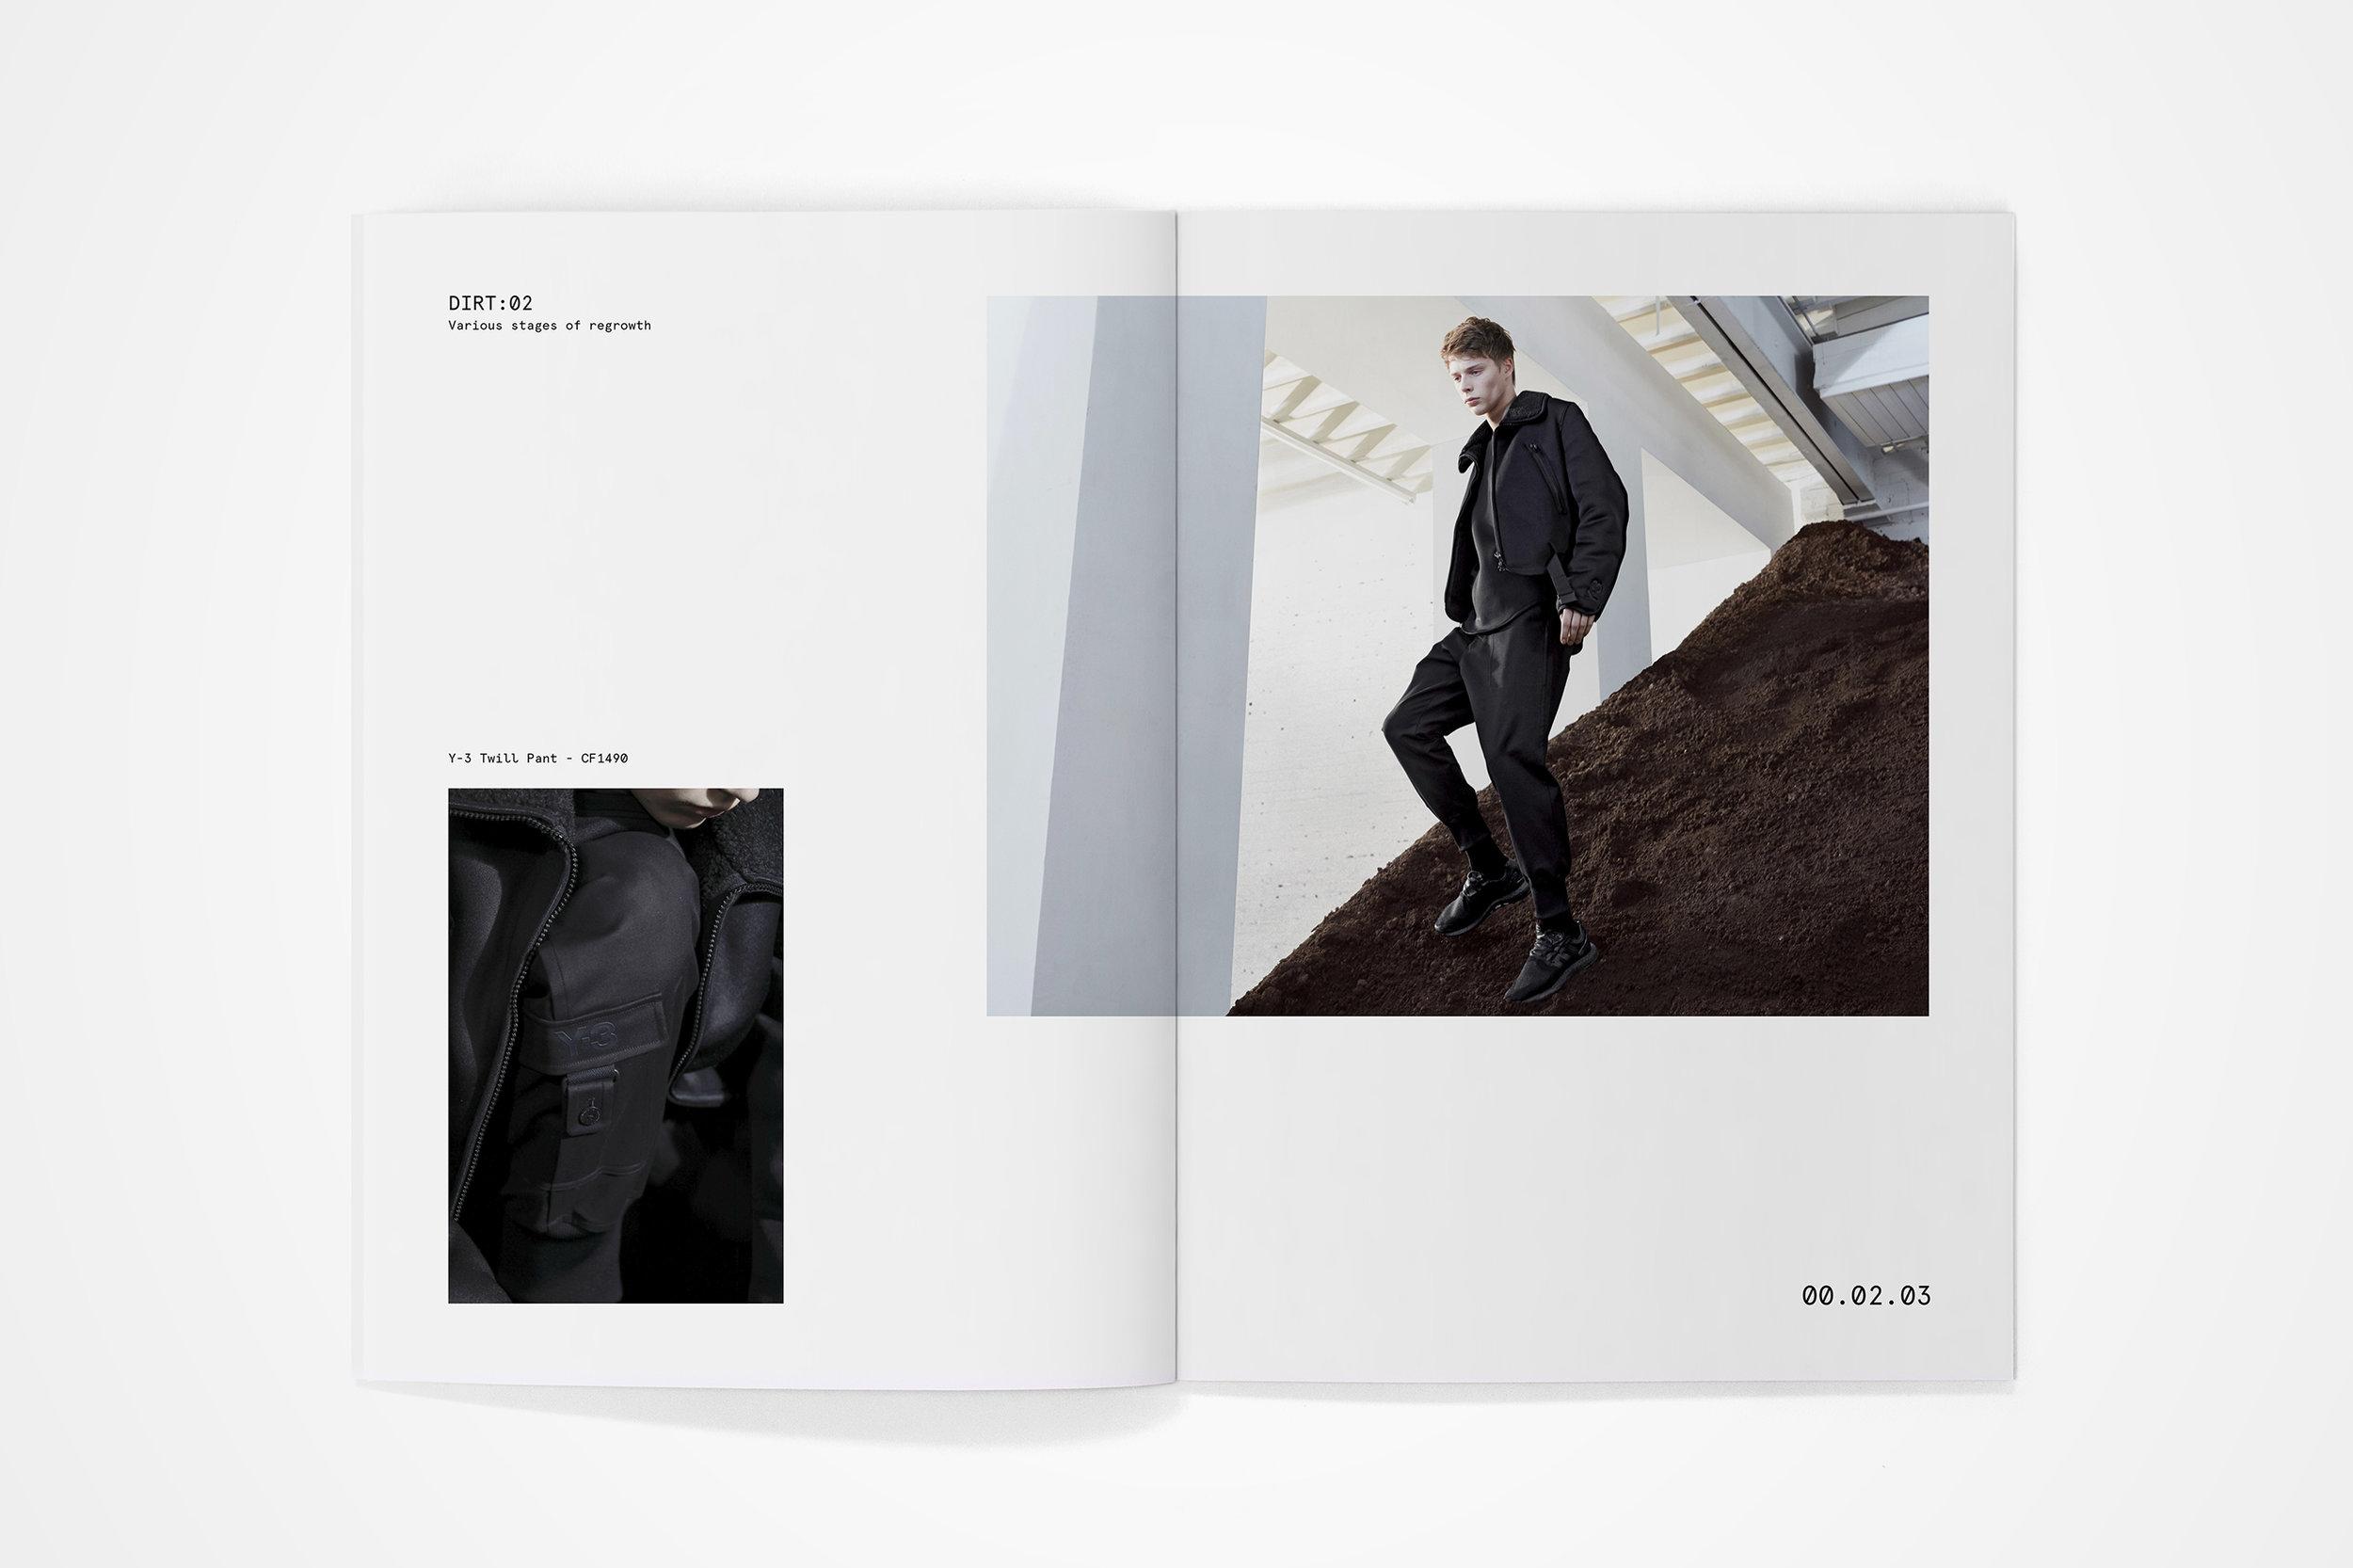 Y-3_BAH_Book8.jpg